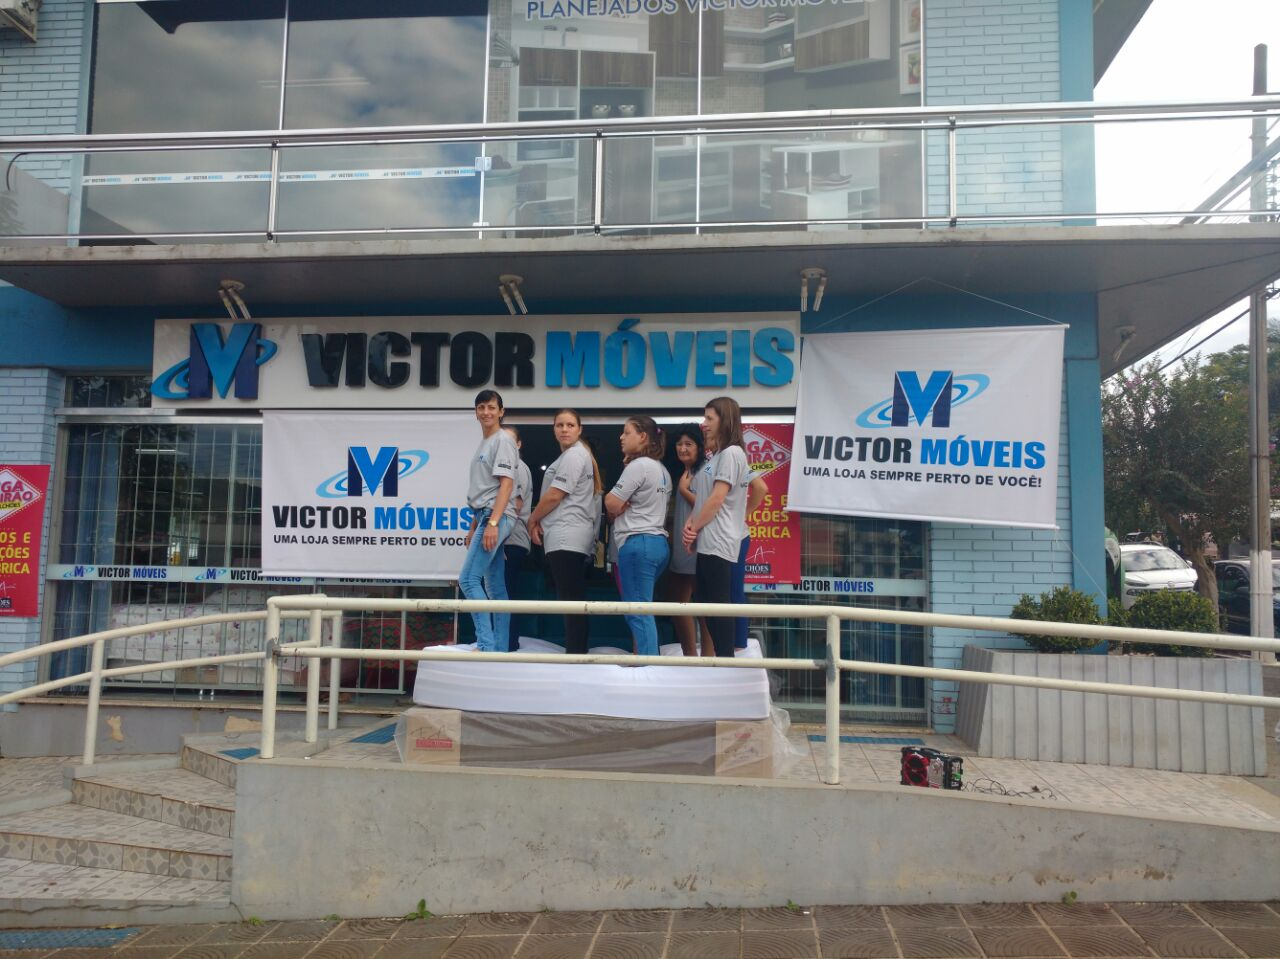 Loja Victor Móveis realiza promoção de dia das mães